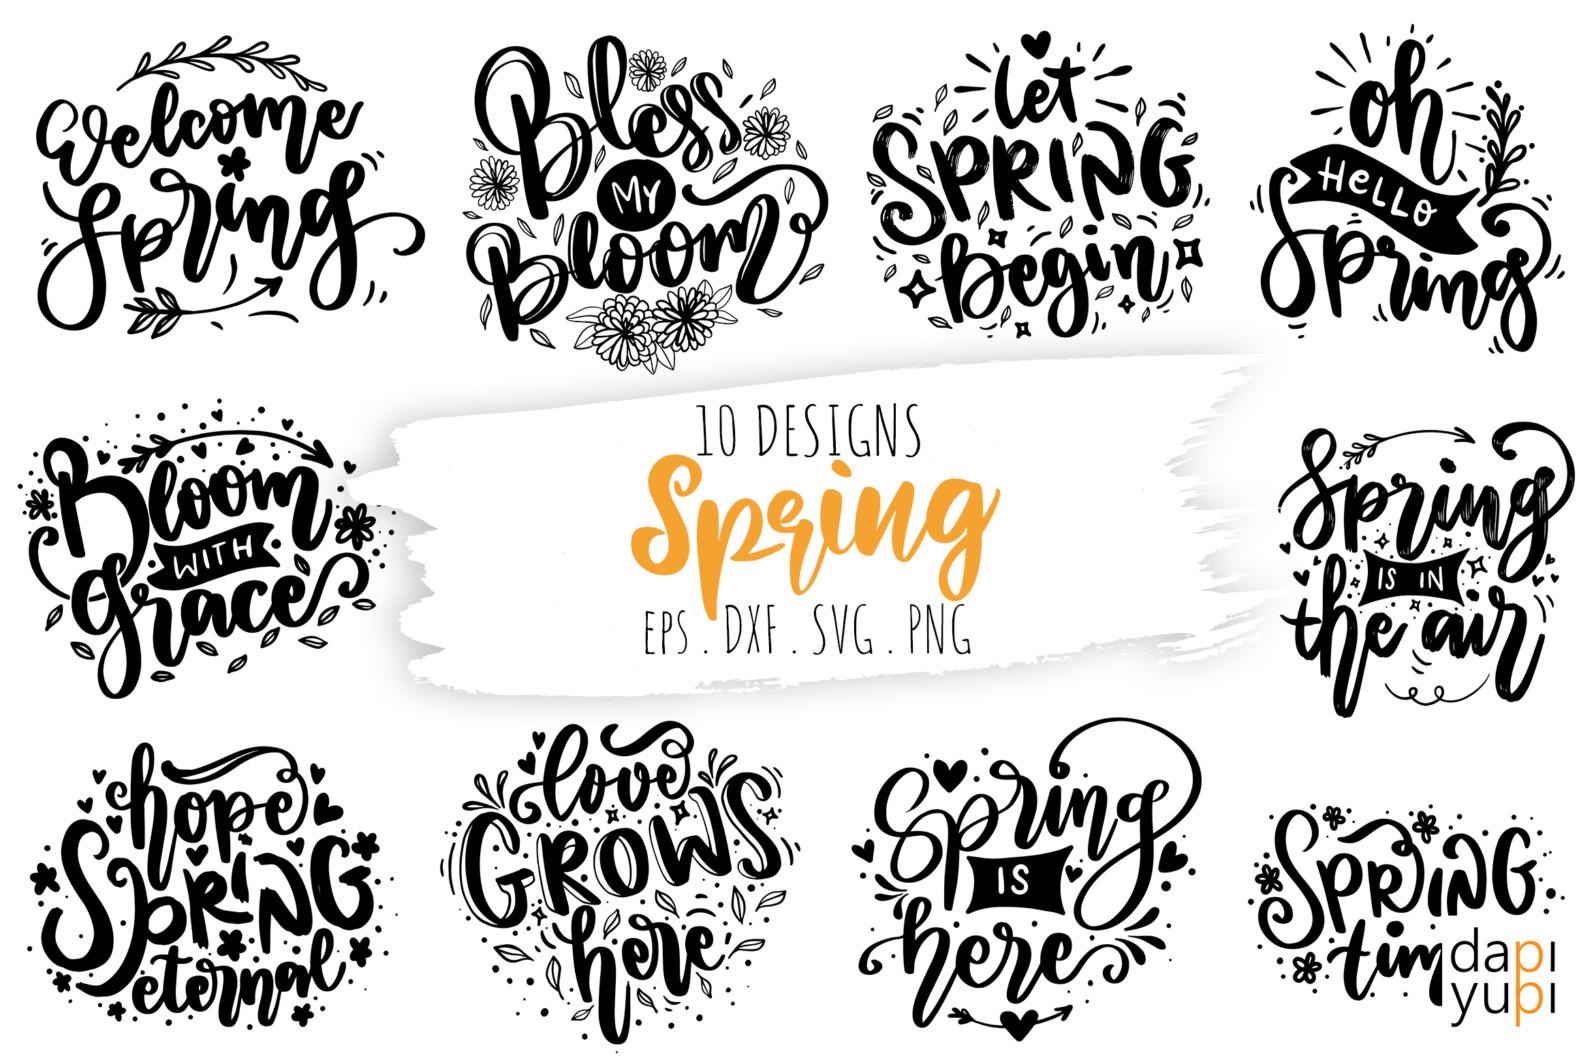 Spring Lettering Quotes Bundle SVG - spring11 -